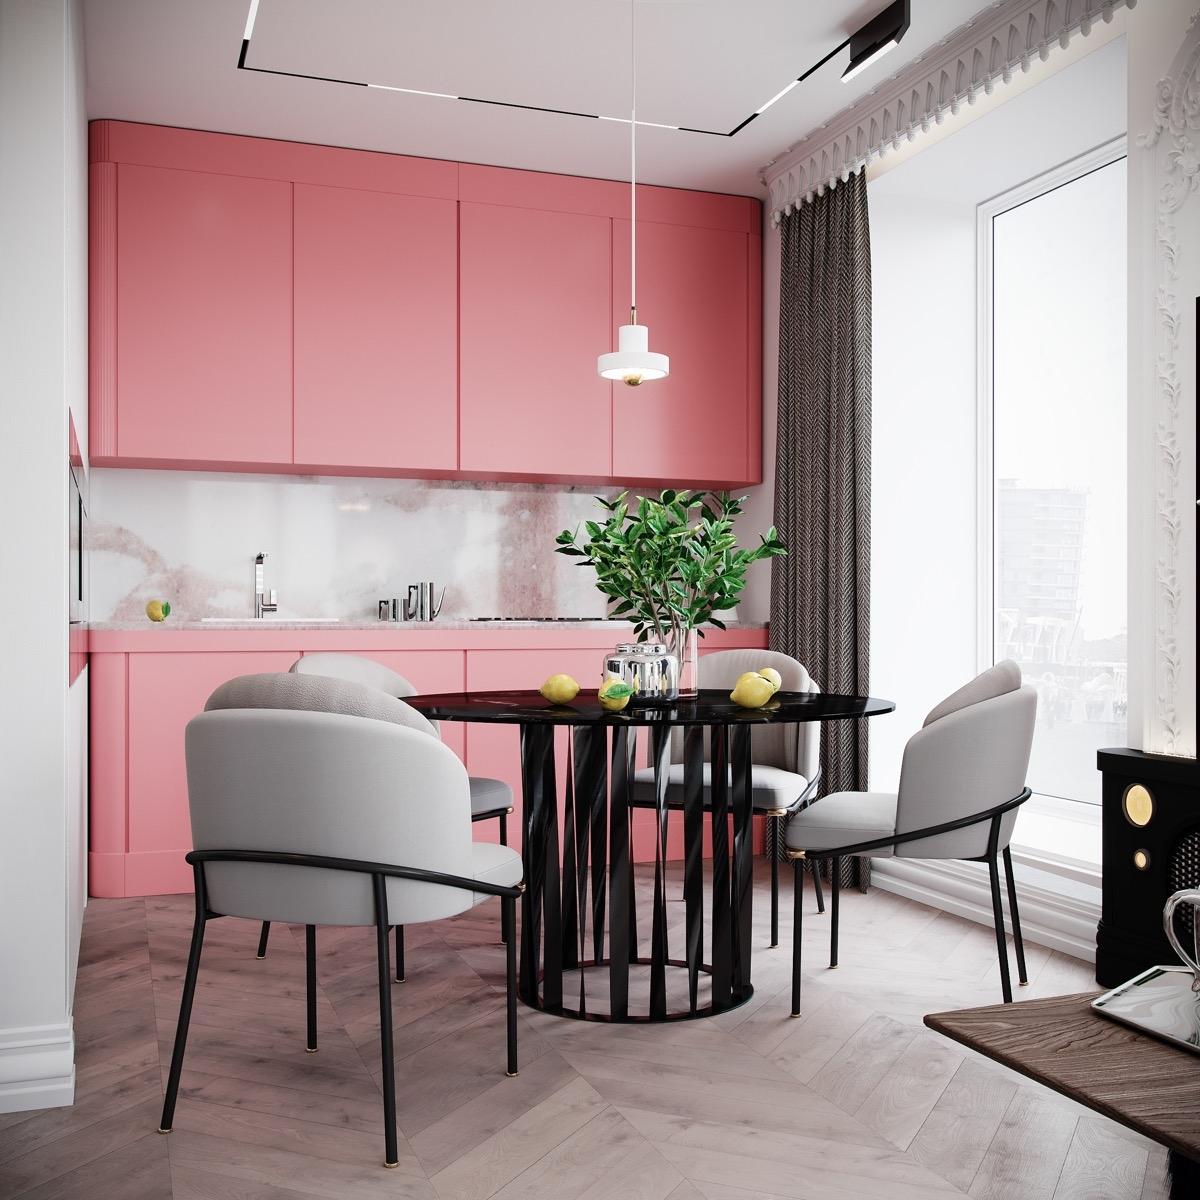 Tủ bếp màu hồng tươi sáng sẽ là điểm nhấn vô cùng đặc biệt, góp phần nên một bức tranh đầy màu sắc trong phòng bếp